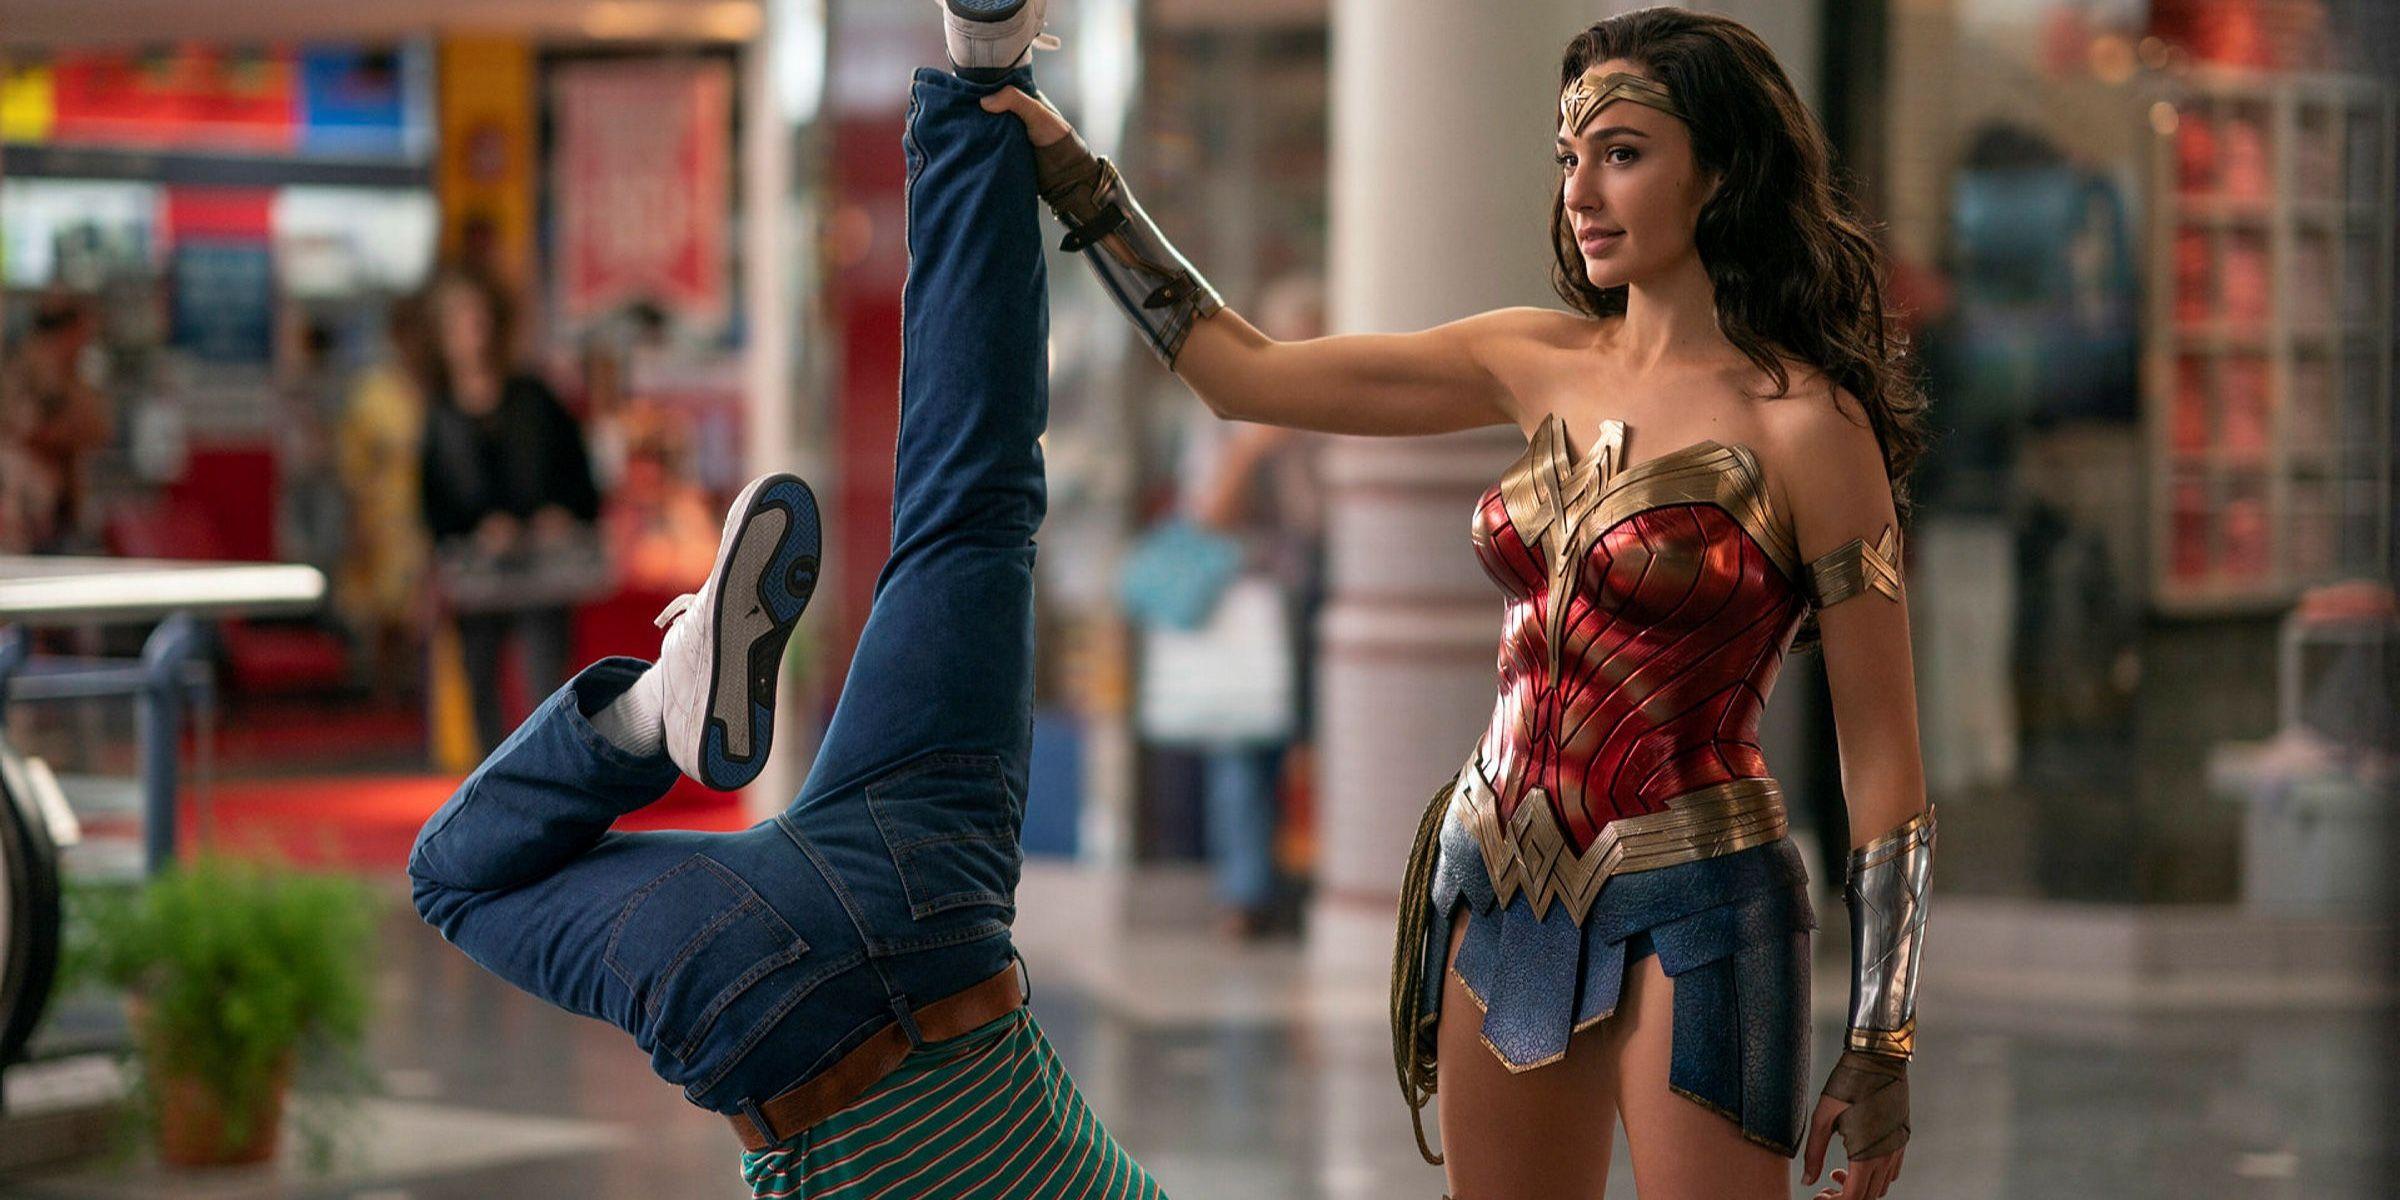 Wonder Woman 1984 Trainer Shares Gal Gadot's Workout   CBR